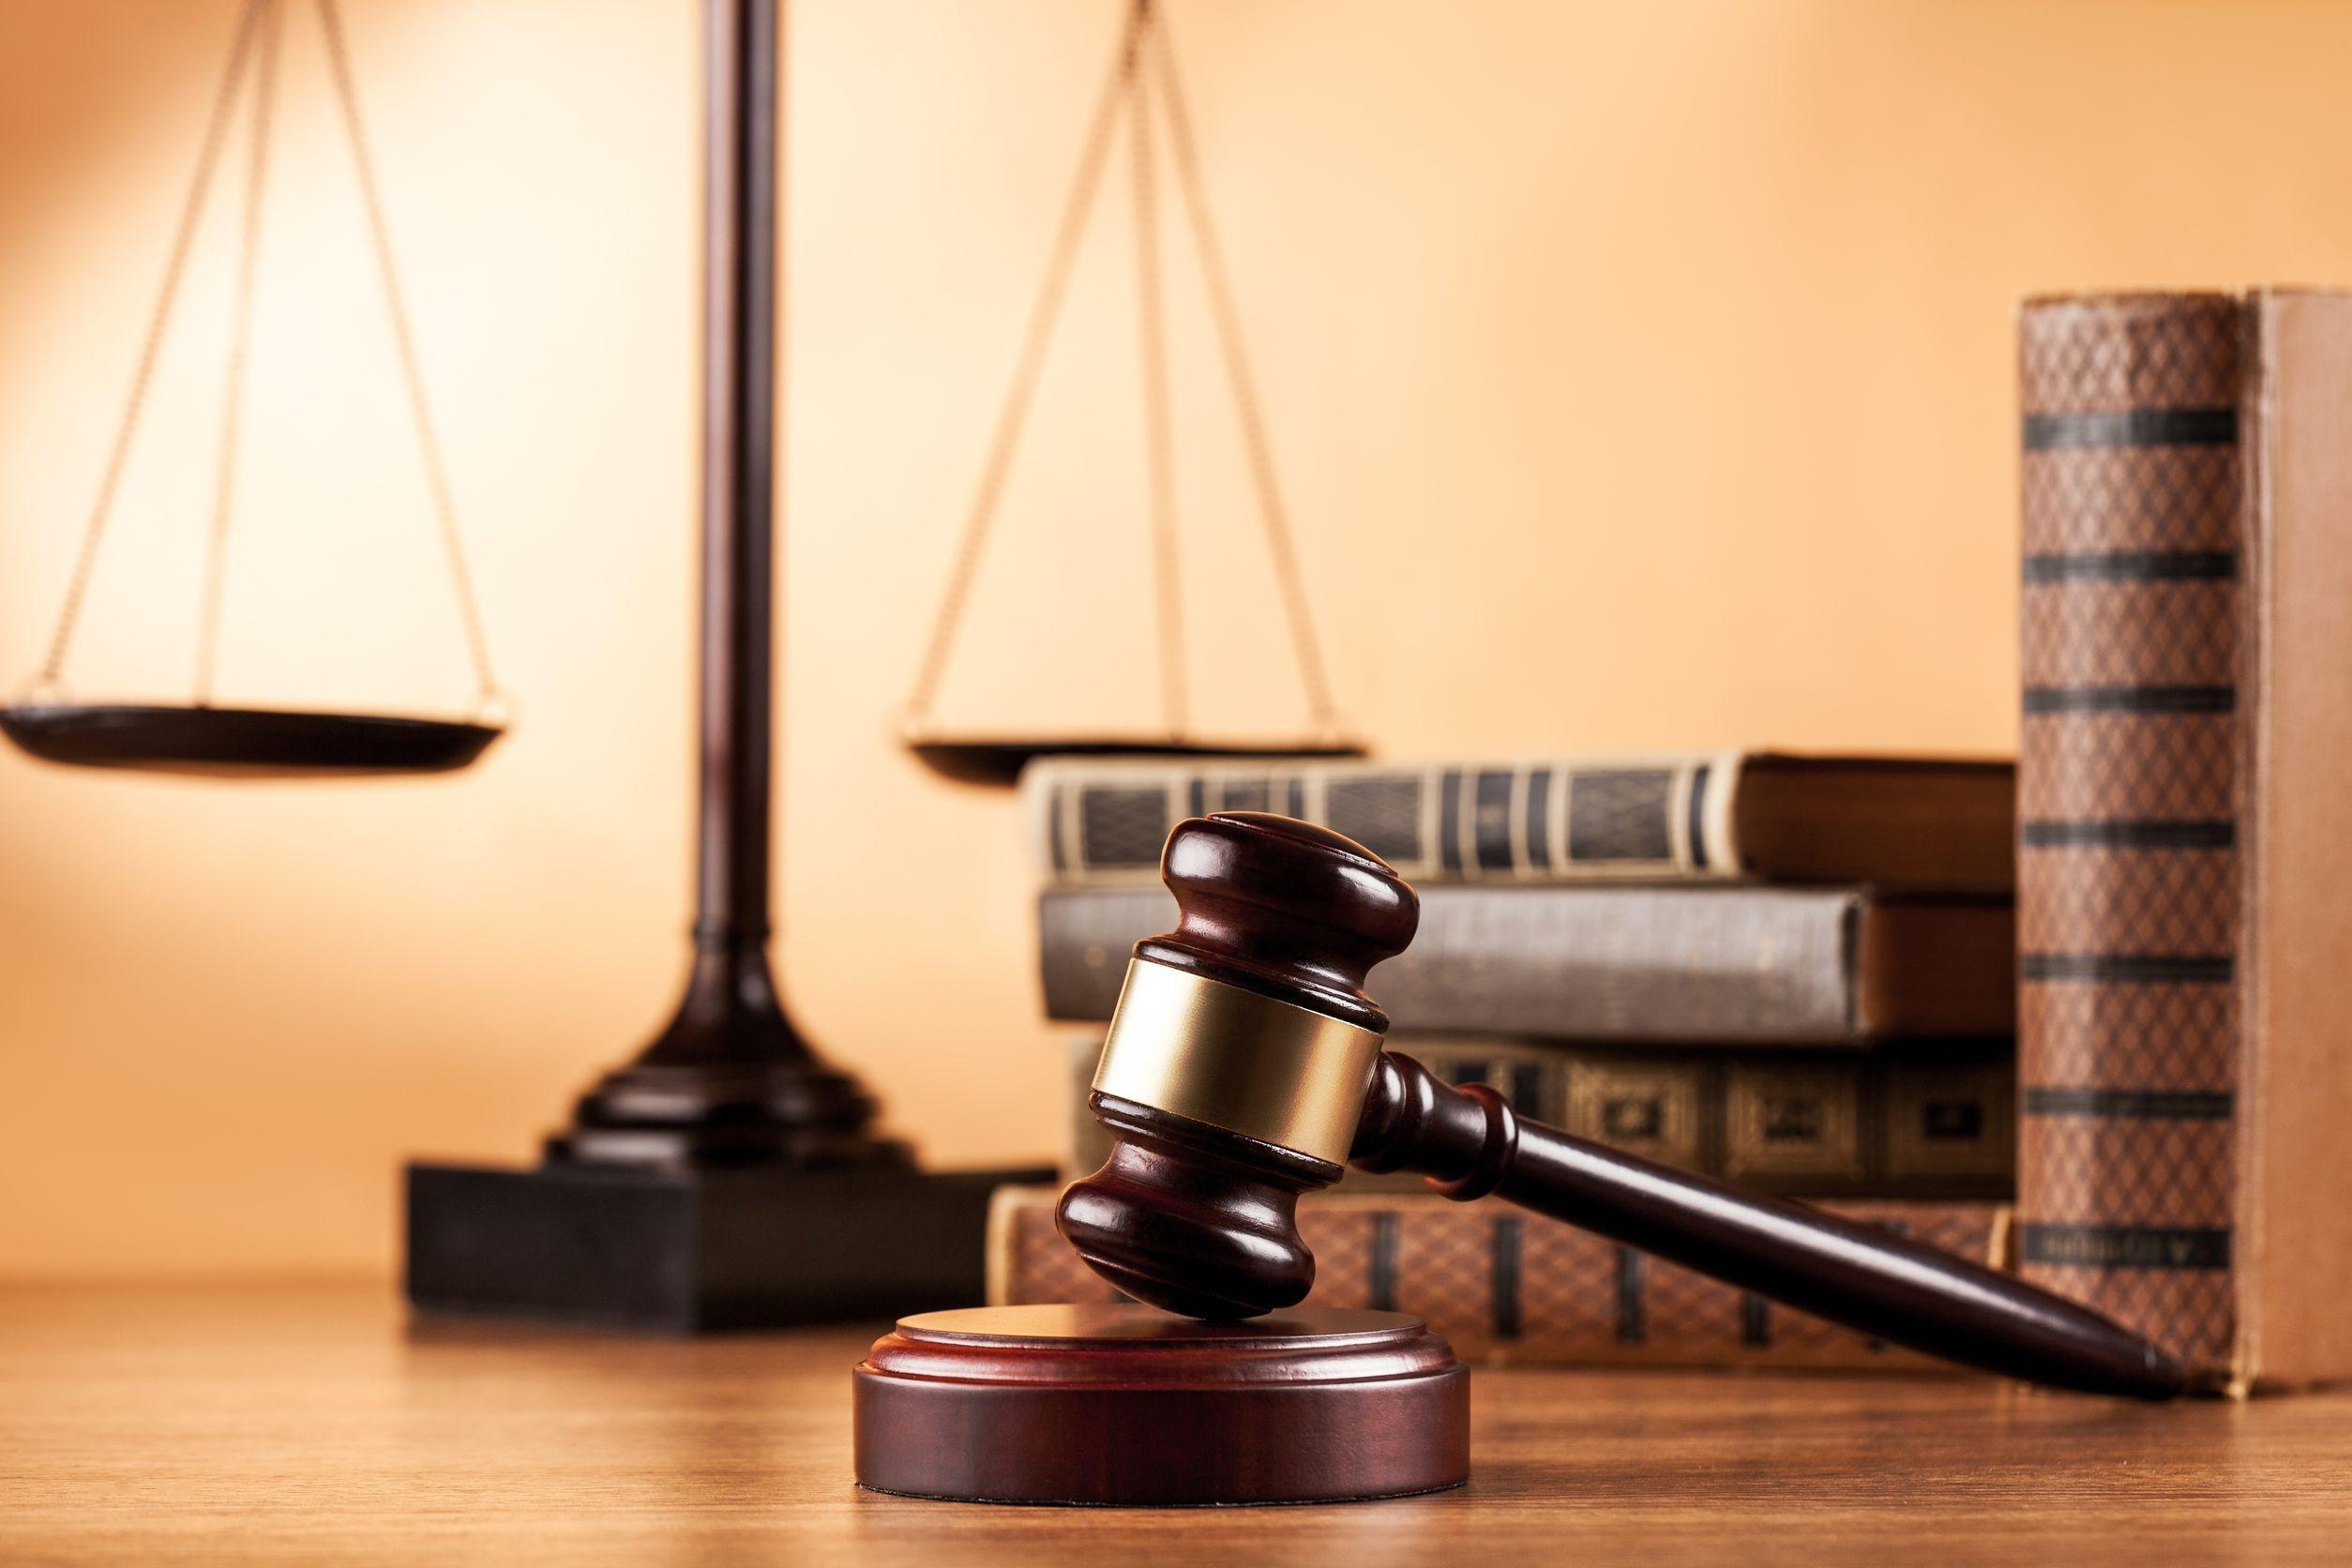 Confuzie în urma modificării Statutului procurorilor şi judecătorilor: Magistraţii trimişi în judecată `pot` fi suspendaţi /  PNL critică, PSD neagă